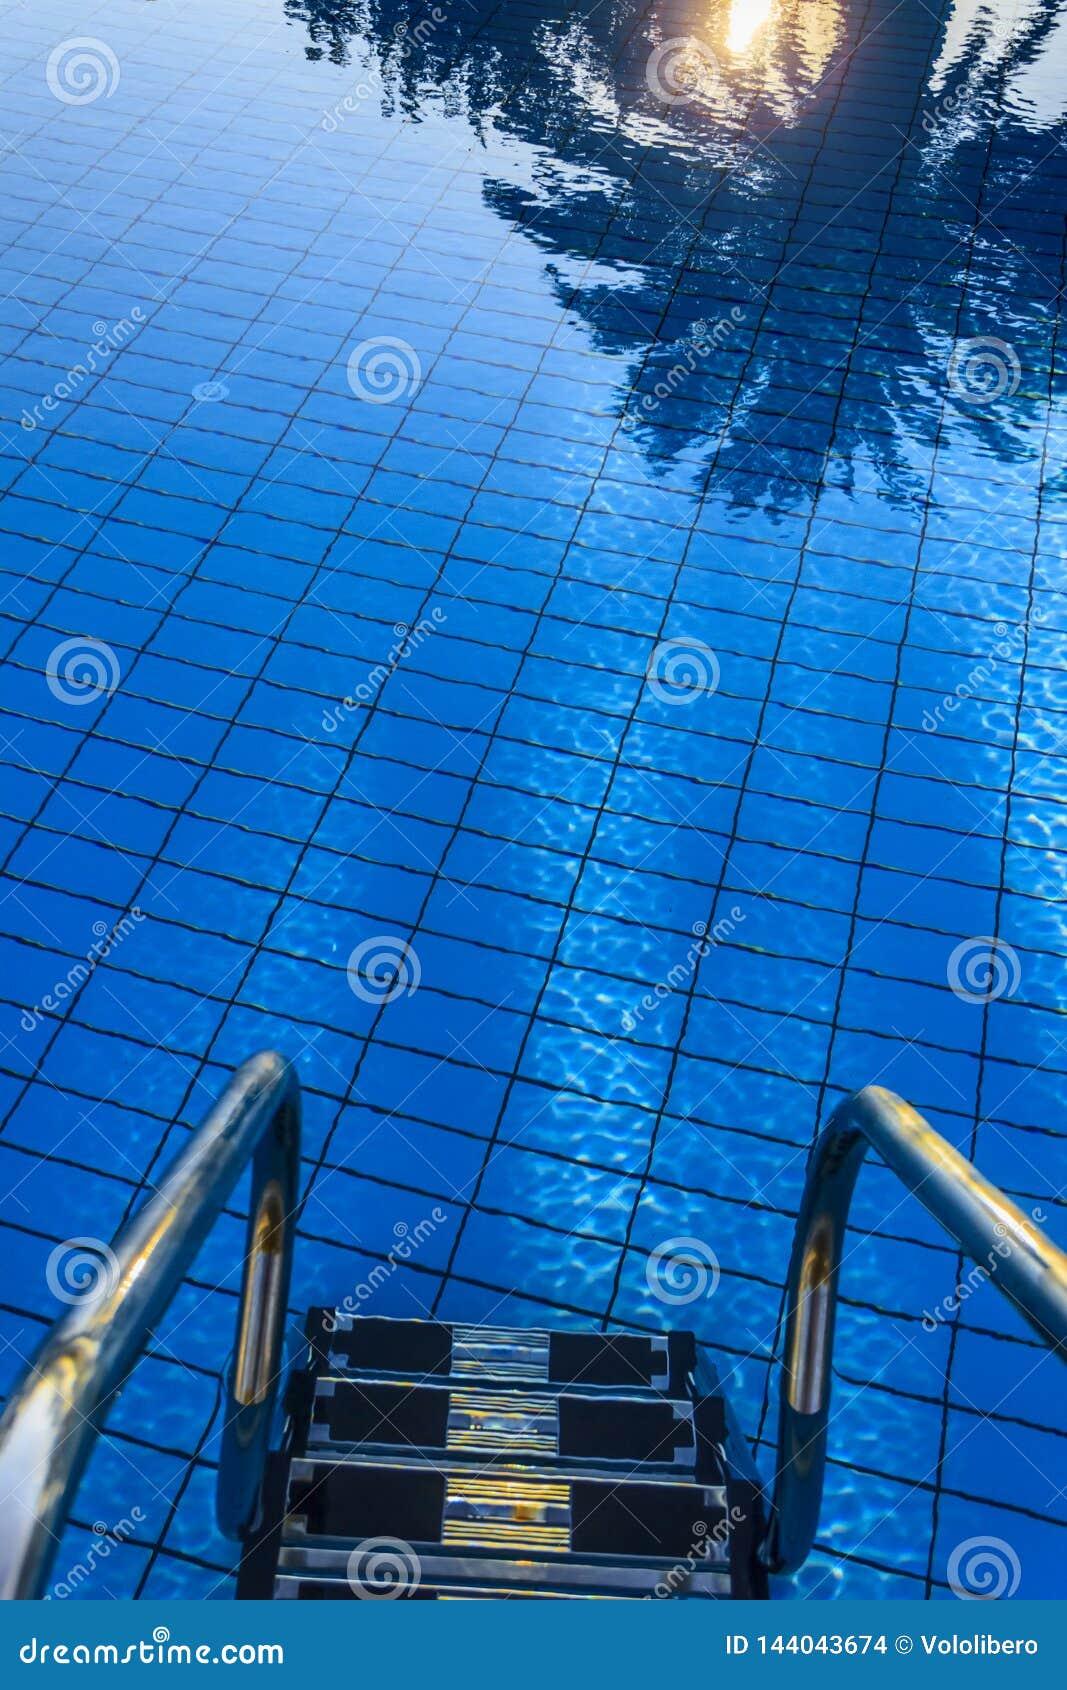 Pool trappasimning Sol på vatten för blå himmel: reflexion av solnedgången mellan palmträd på yttersidan av pölen